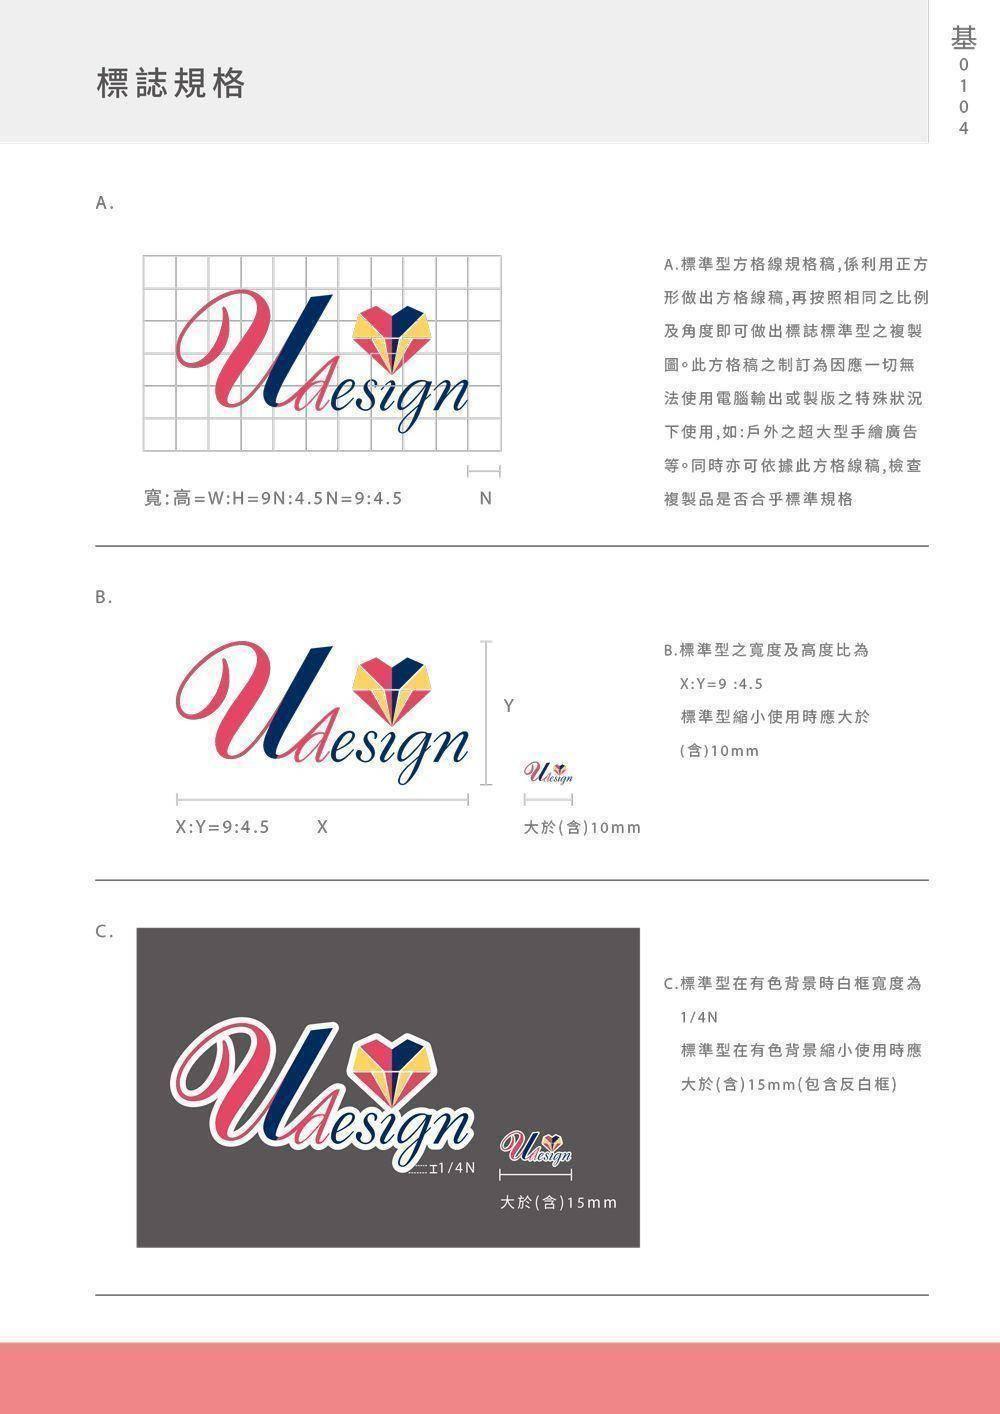 cis设计标志规范-优联创意设计印刷有限公司